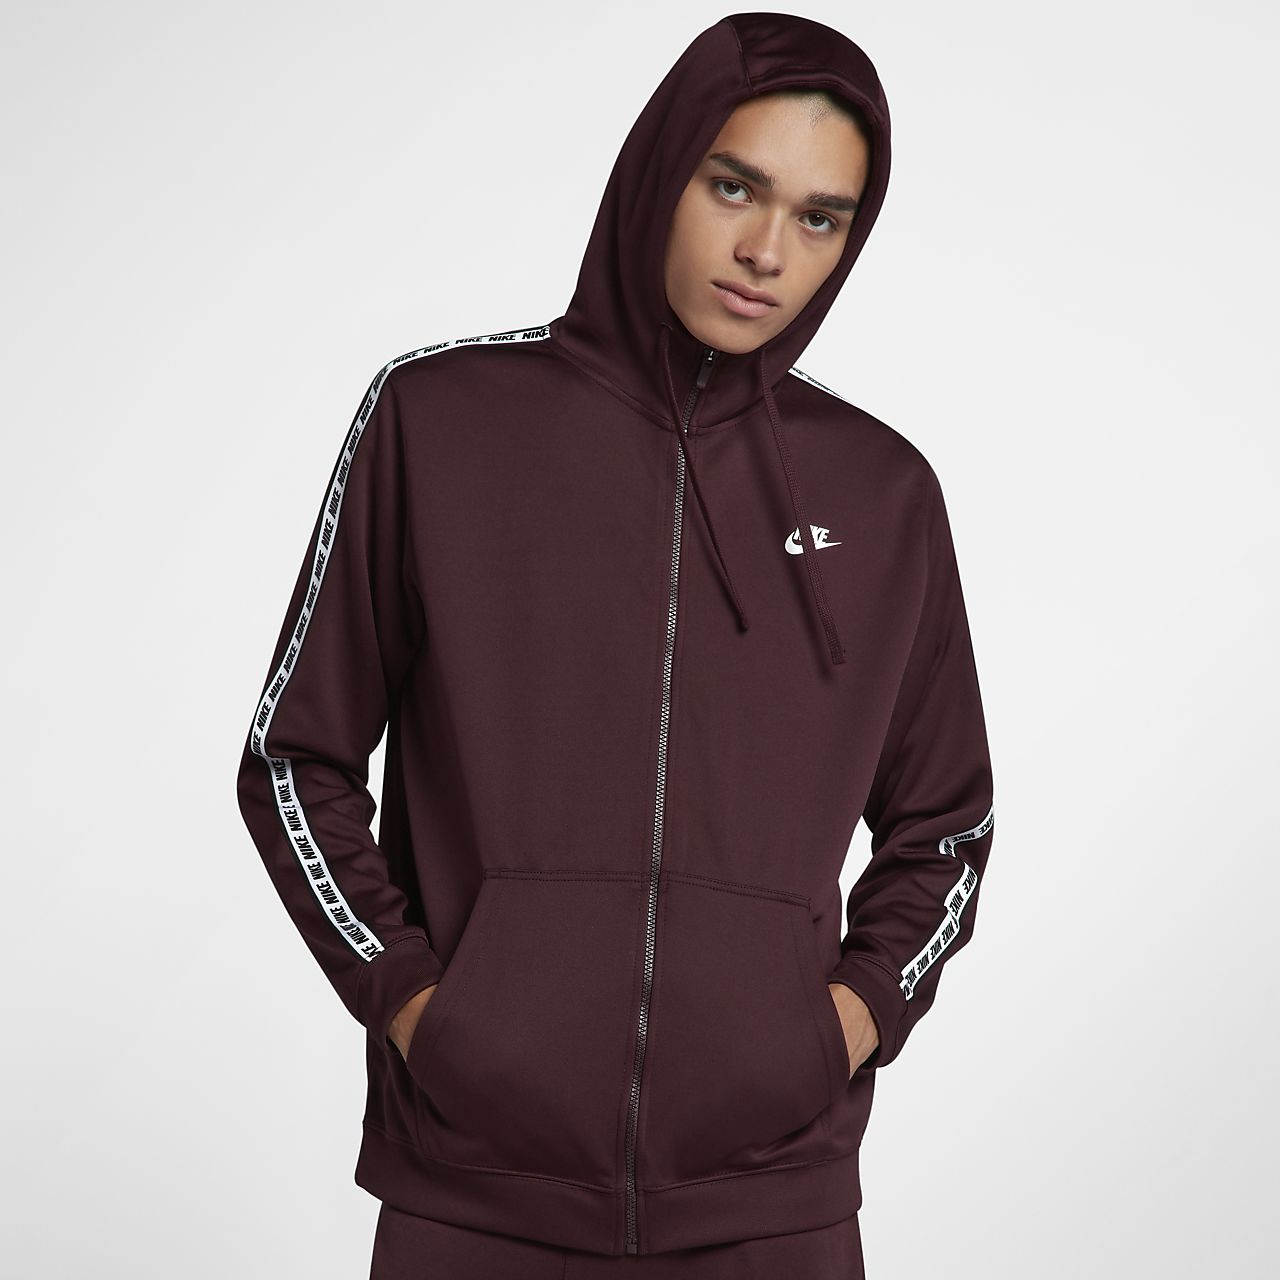 Cremallera Sportswear Capucha Sudadera Completa Con Nike wTCqtPC